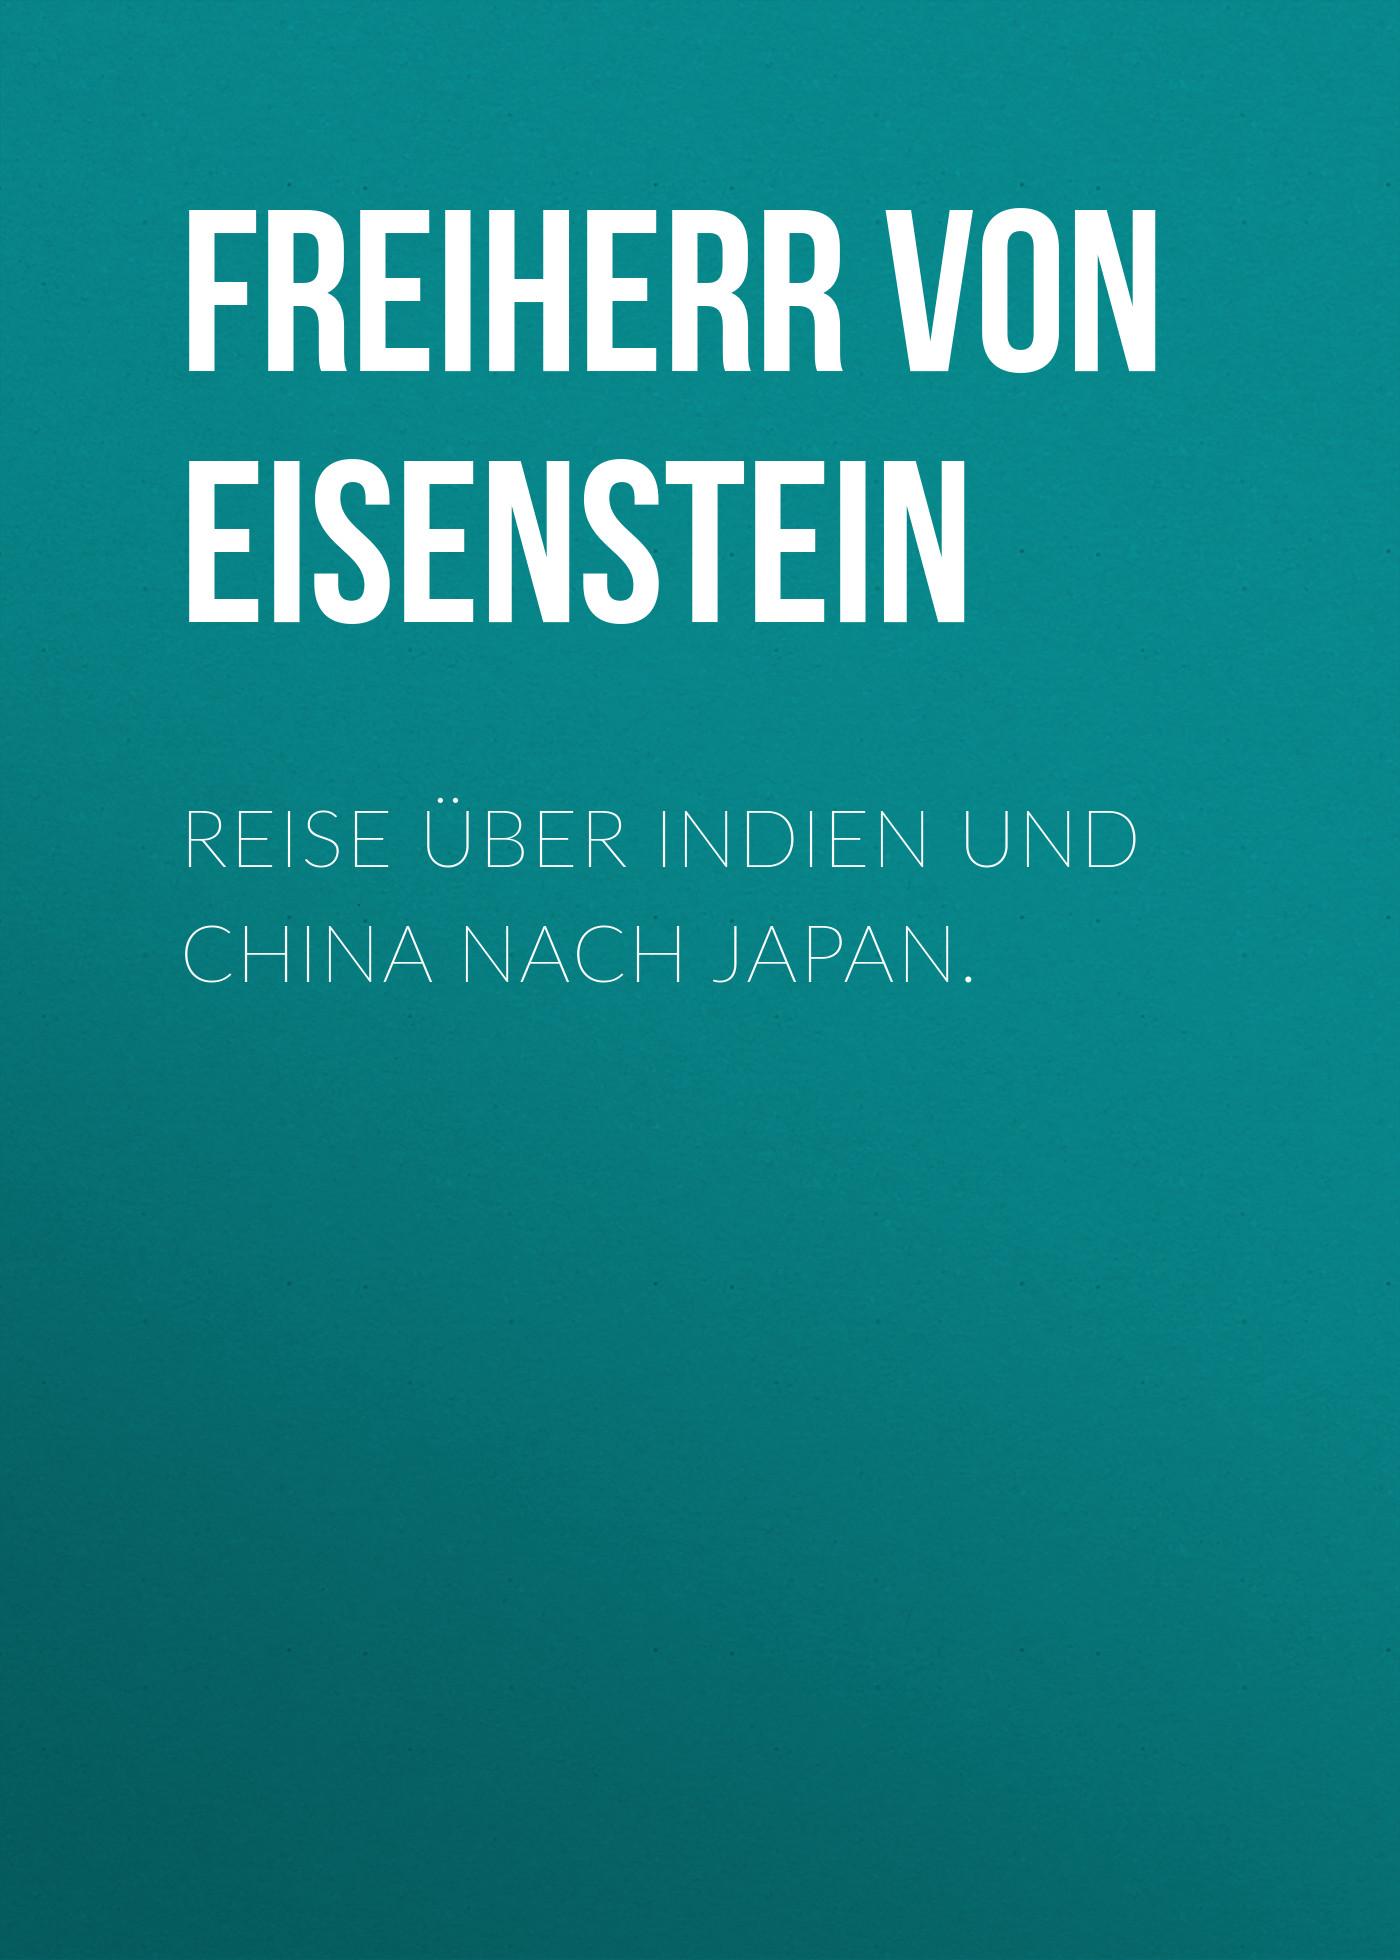 Freiherr von und zu Richard Eisenstein Reise über Indien und China nach Japan.